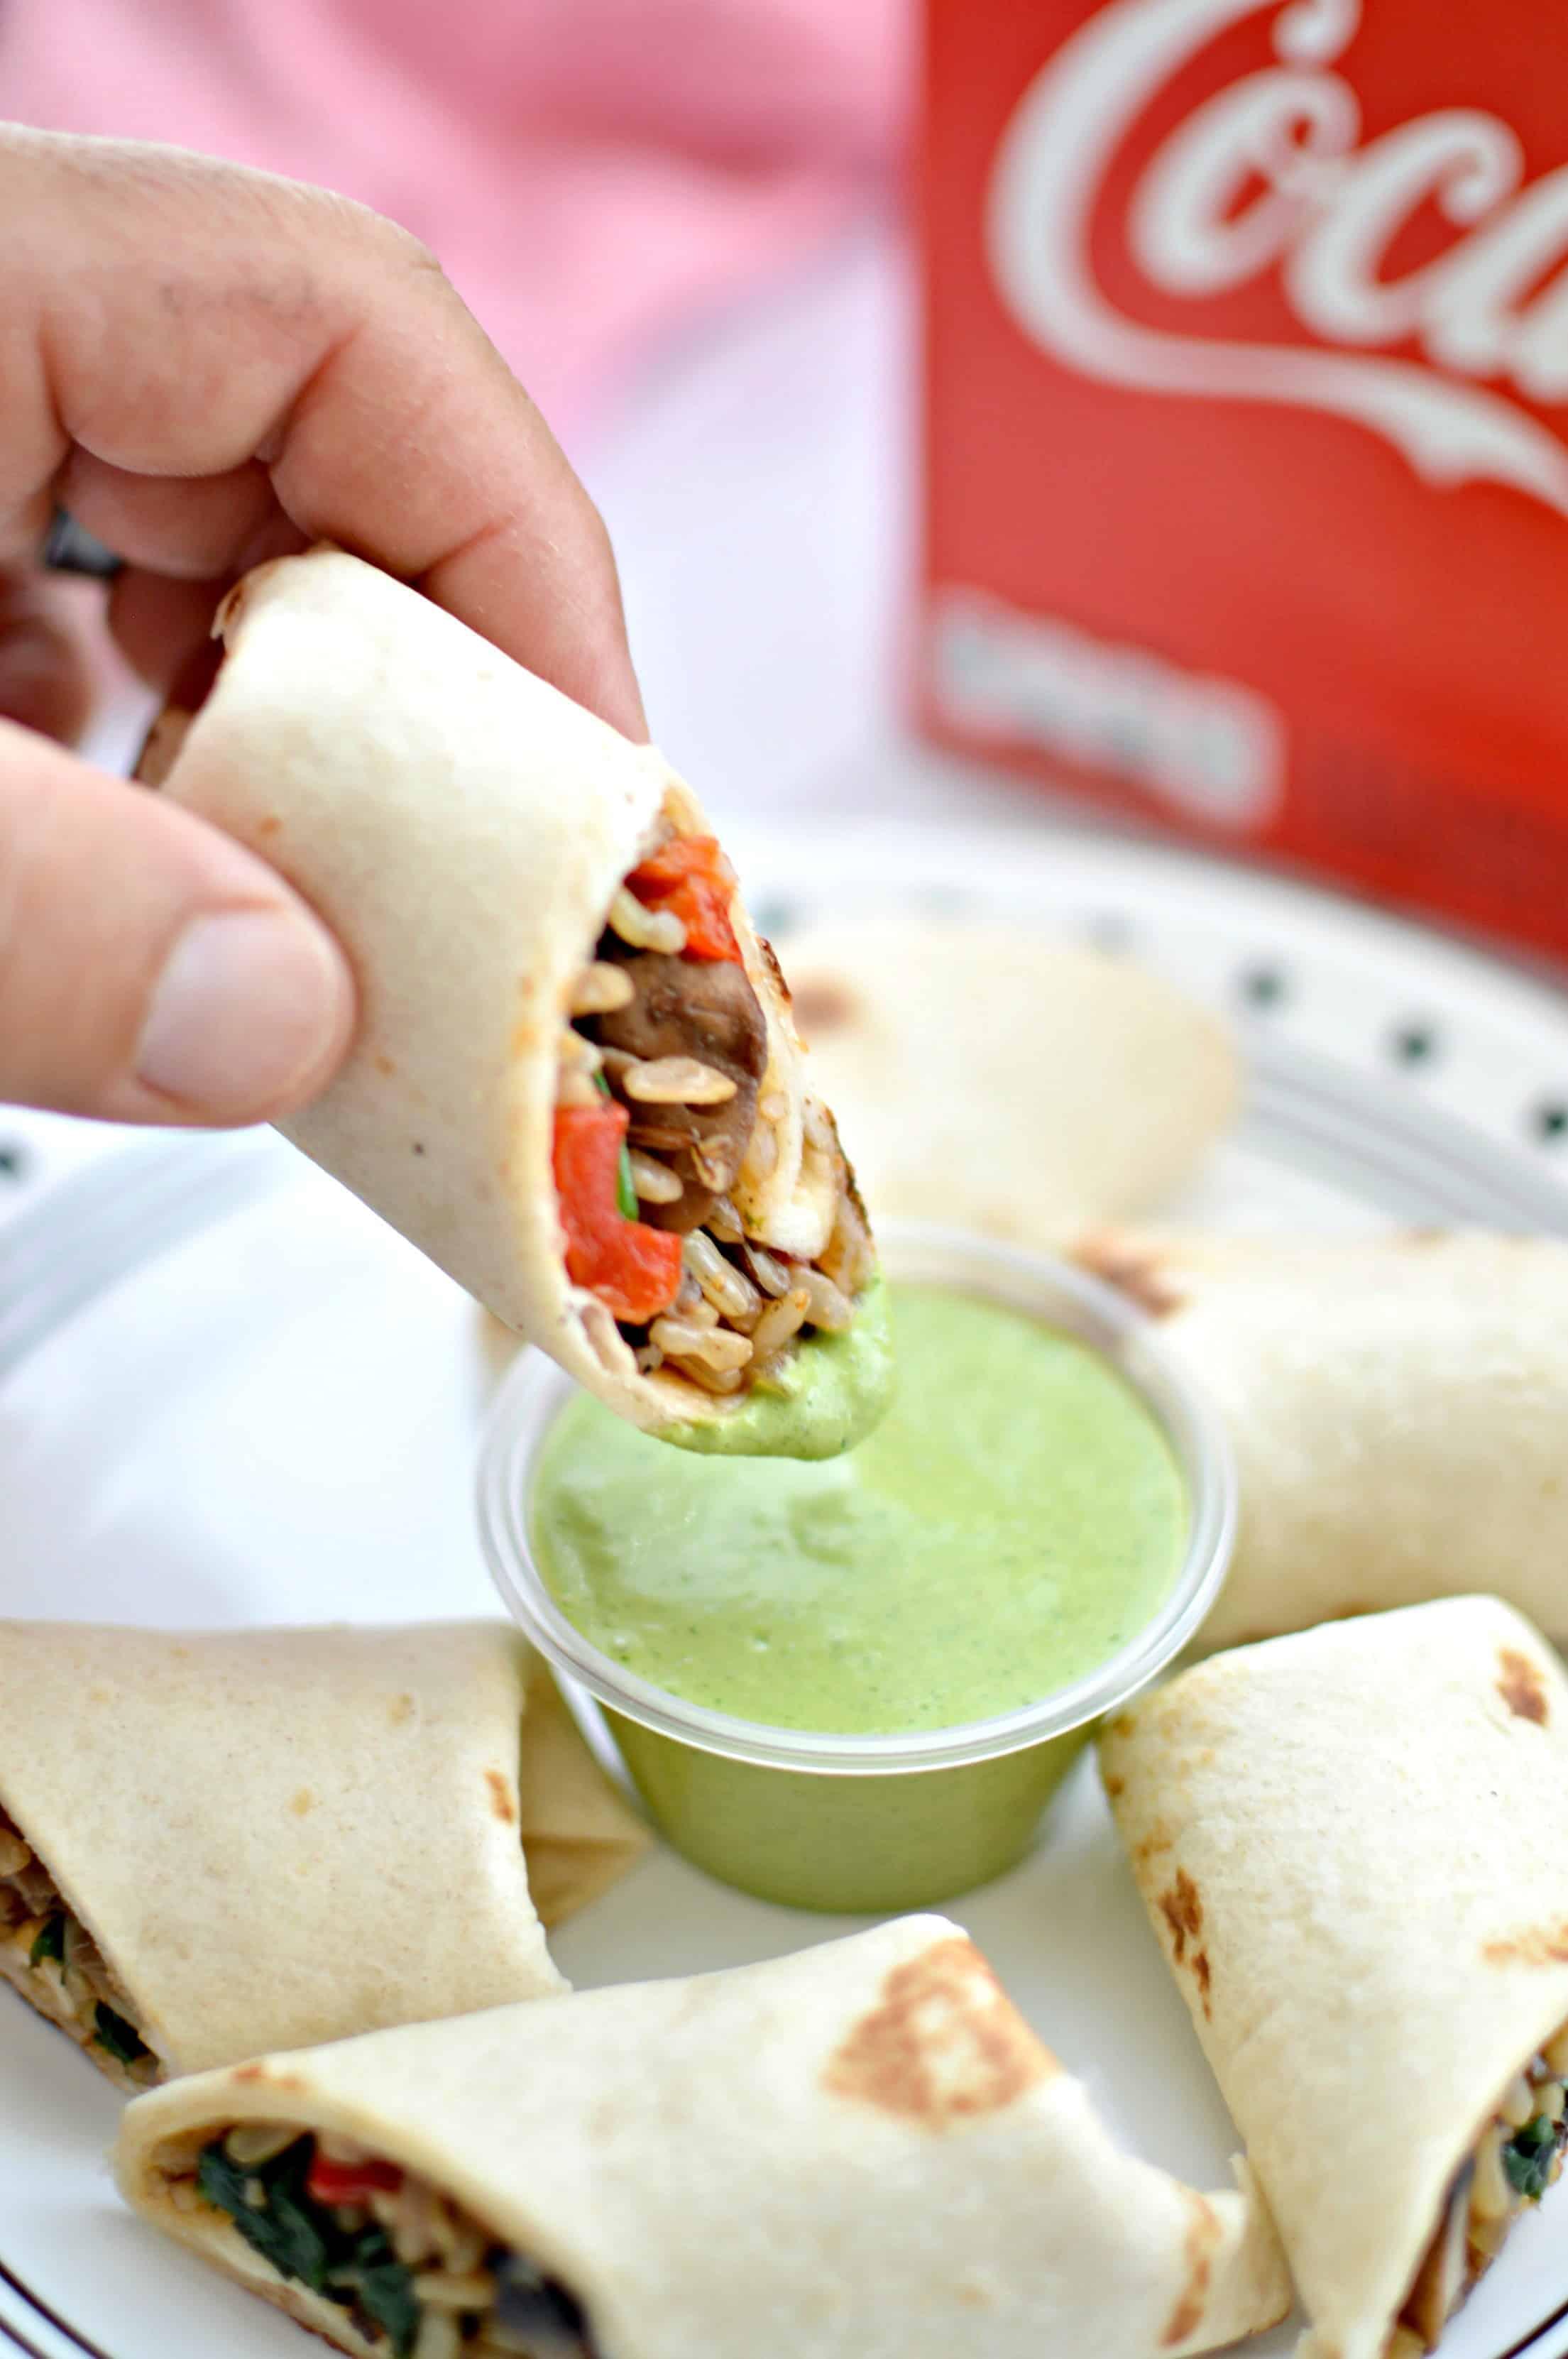 Mini Mushroom & Wild Rice Burrito + Jalapeño Cilantro Dipping Sauce